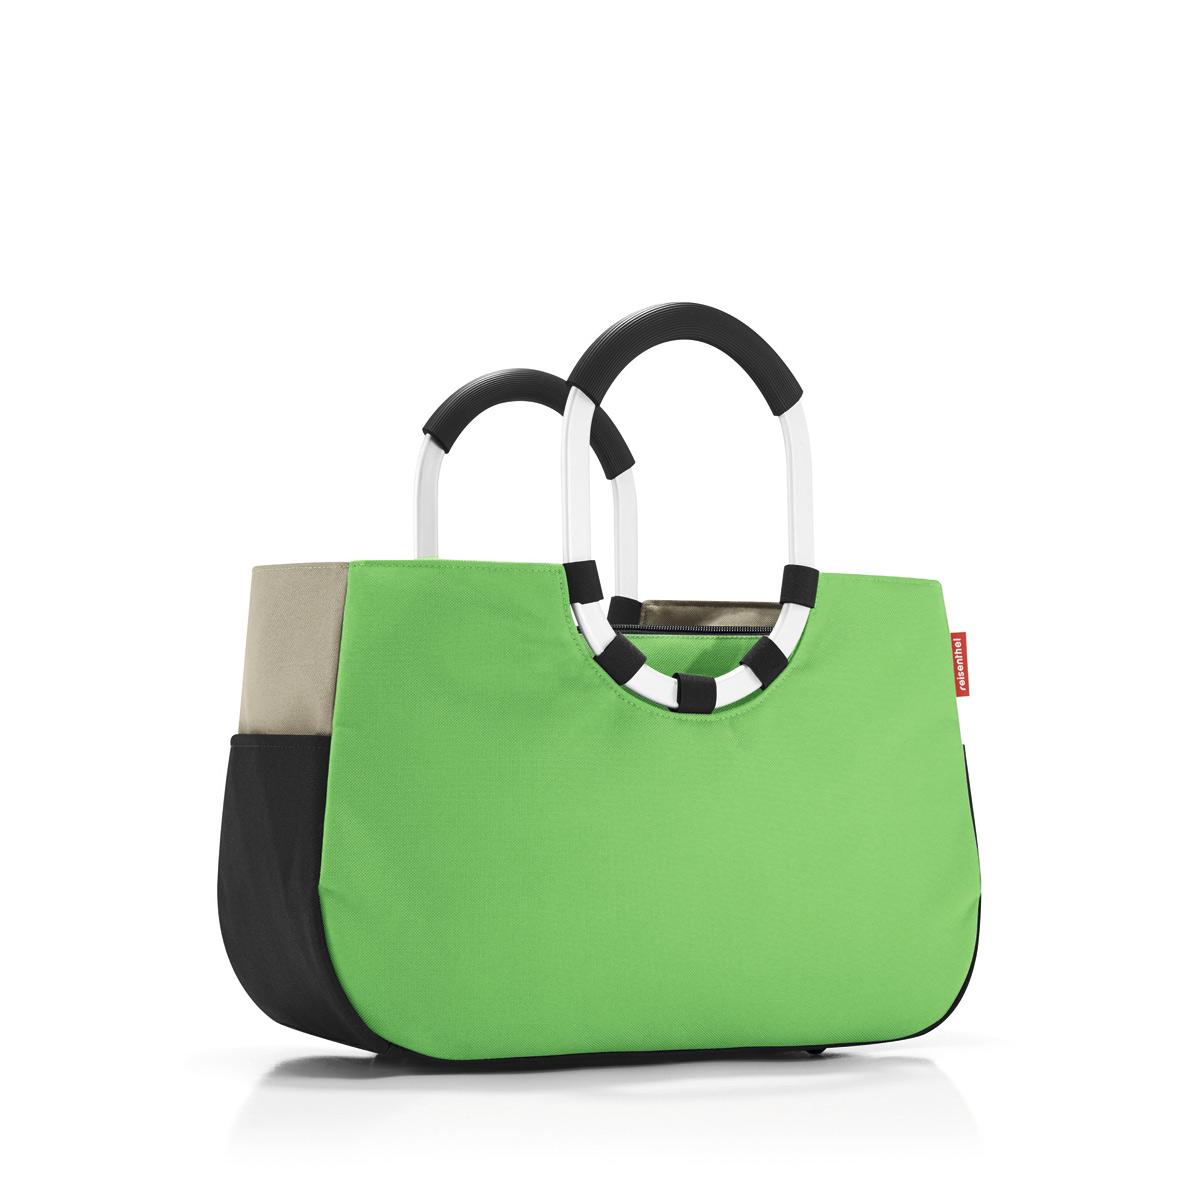 Сумка женская Reisenthel, цвет: зеленый, черный, темно-бежевый. OS5032OS5032Практичная женская сумка Reisenthel изготовлена из текстиля. Сумка имеет одно отделение, внутри которого находится прорезной карман на застежке-молнии. Снаружи, по боковым сторонам сумки расположены накладные открытые карманы. Изделие оснащено съемным отделением на застежке-молнии, которое пристегивается к сумке с помощью хлястиков с кнопками. Съемное отделение снаружи дополнено прорезным карманом на застежке-молнии и накладным открытым кармашком. Сумка оснащена двумя алюминиевыми ручками с прорезиненными накладками, которые фиксируются с помощью липучек. Основание изделия защищено от повреждений пластиковыми ножками.